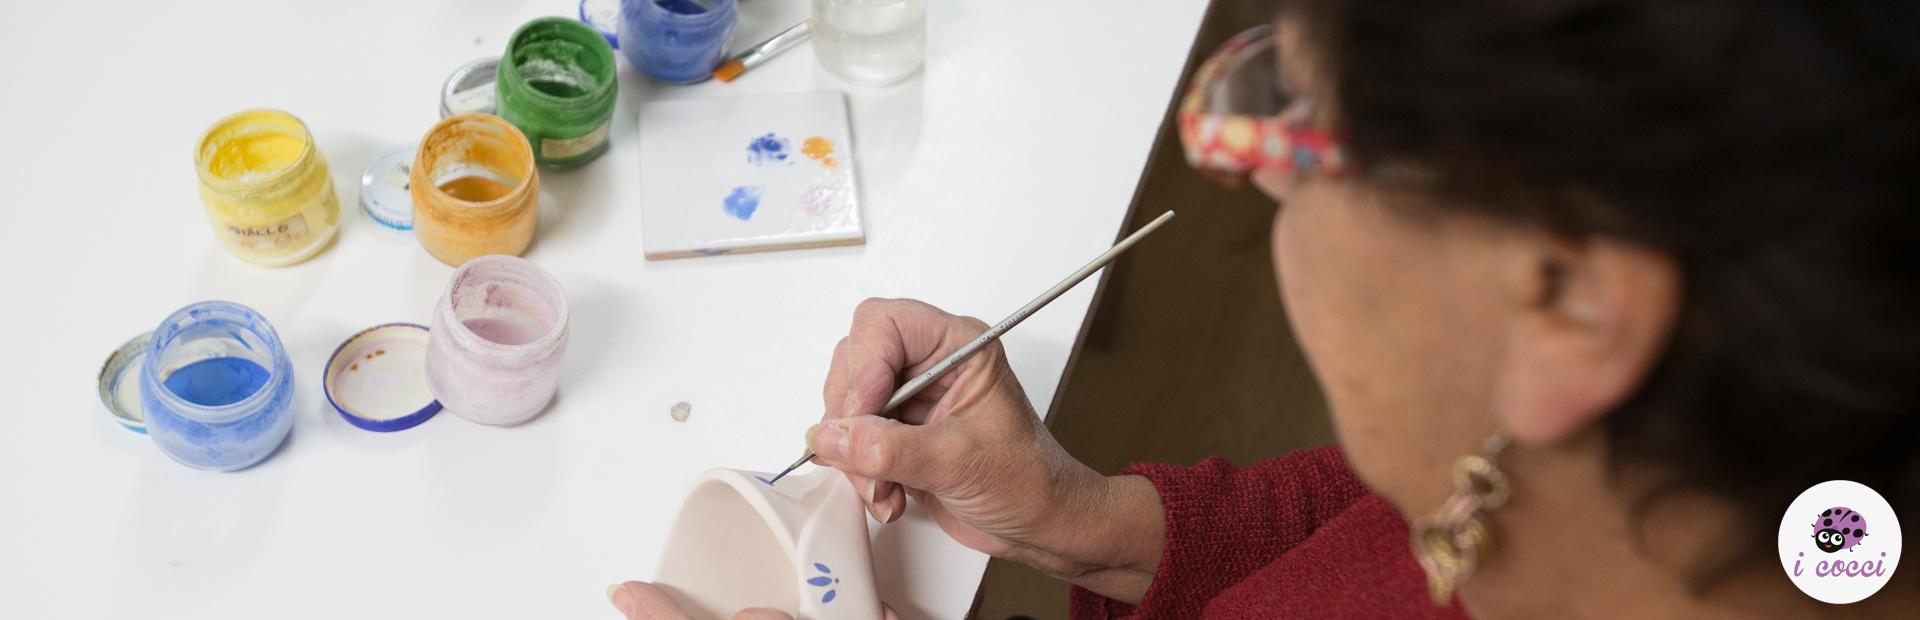 Laboratorio di Ceramica I Cocci - I nostri Corsi